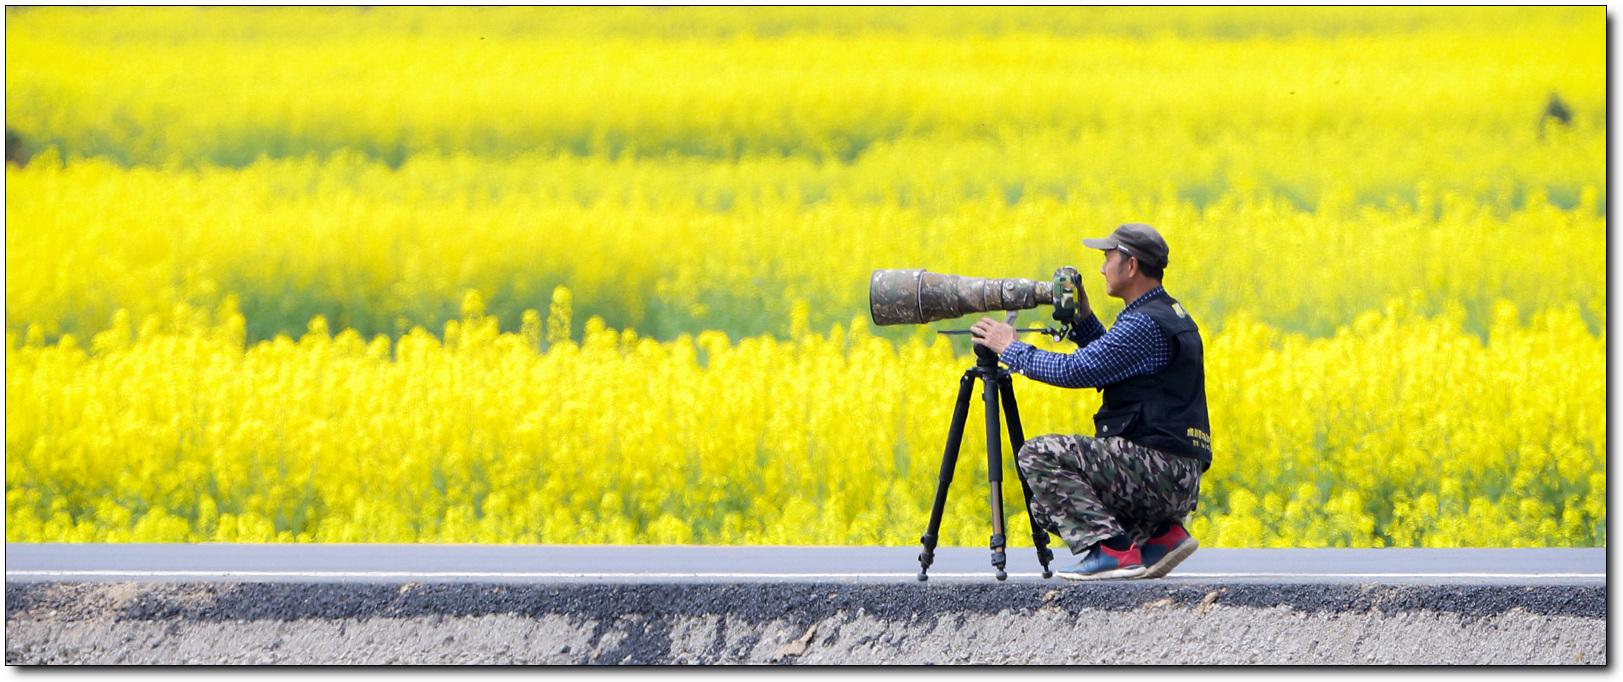 三虎作品:摄春